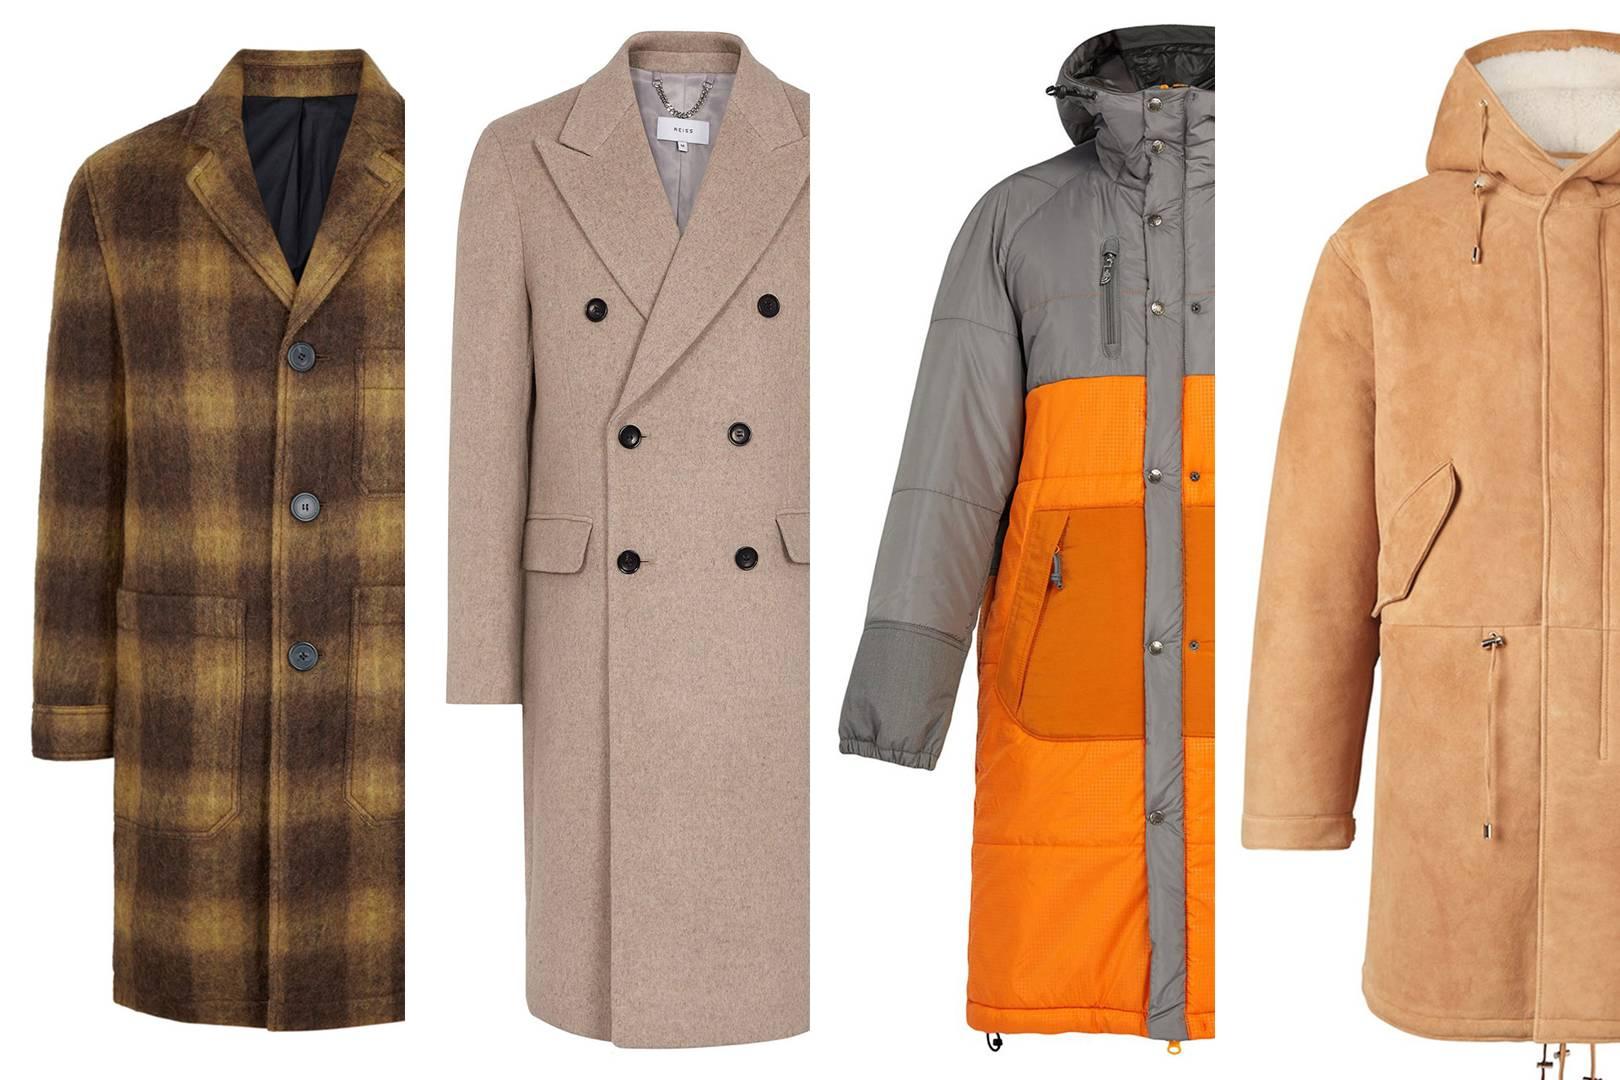 cd25f06c414 Men s winter coats  The GQ edit